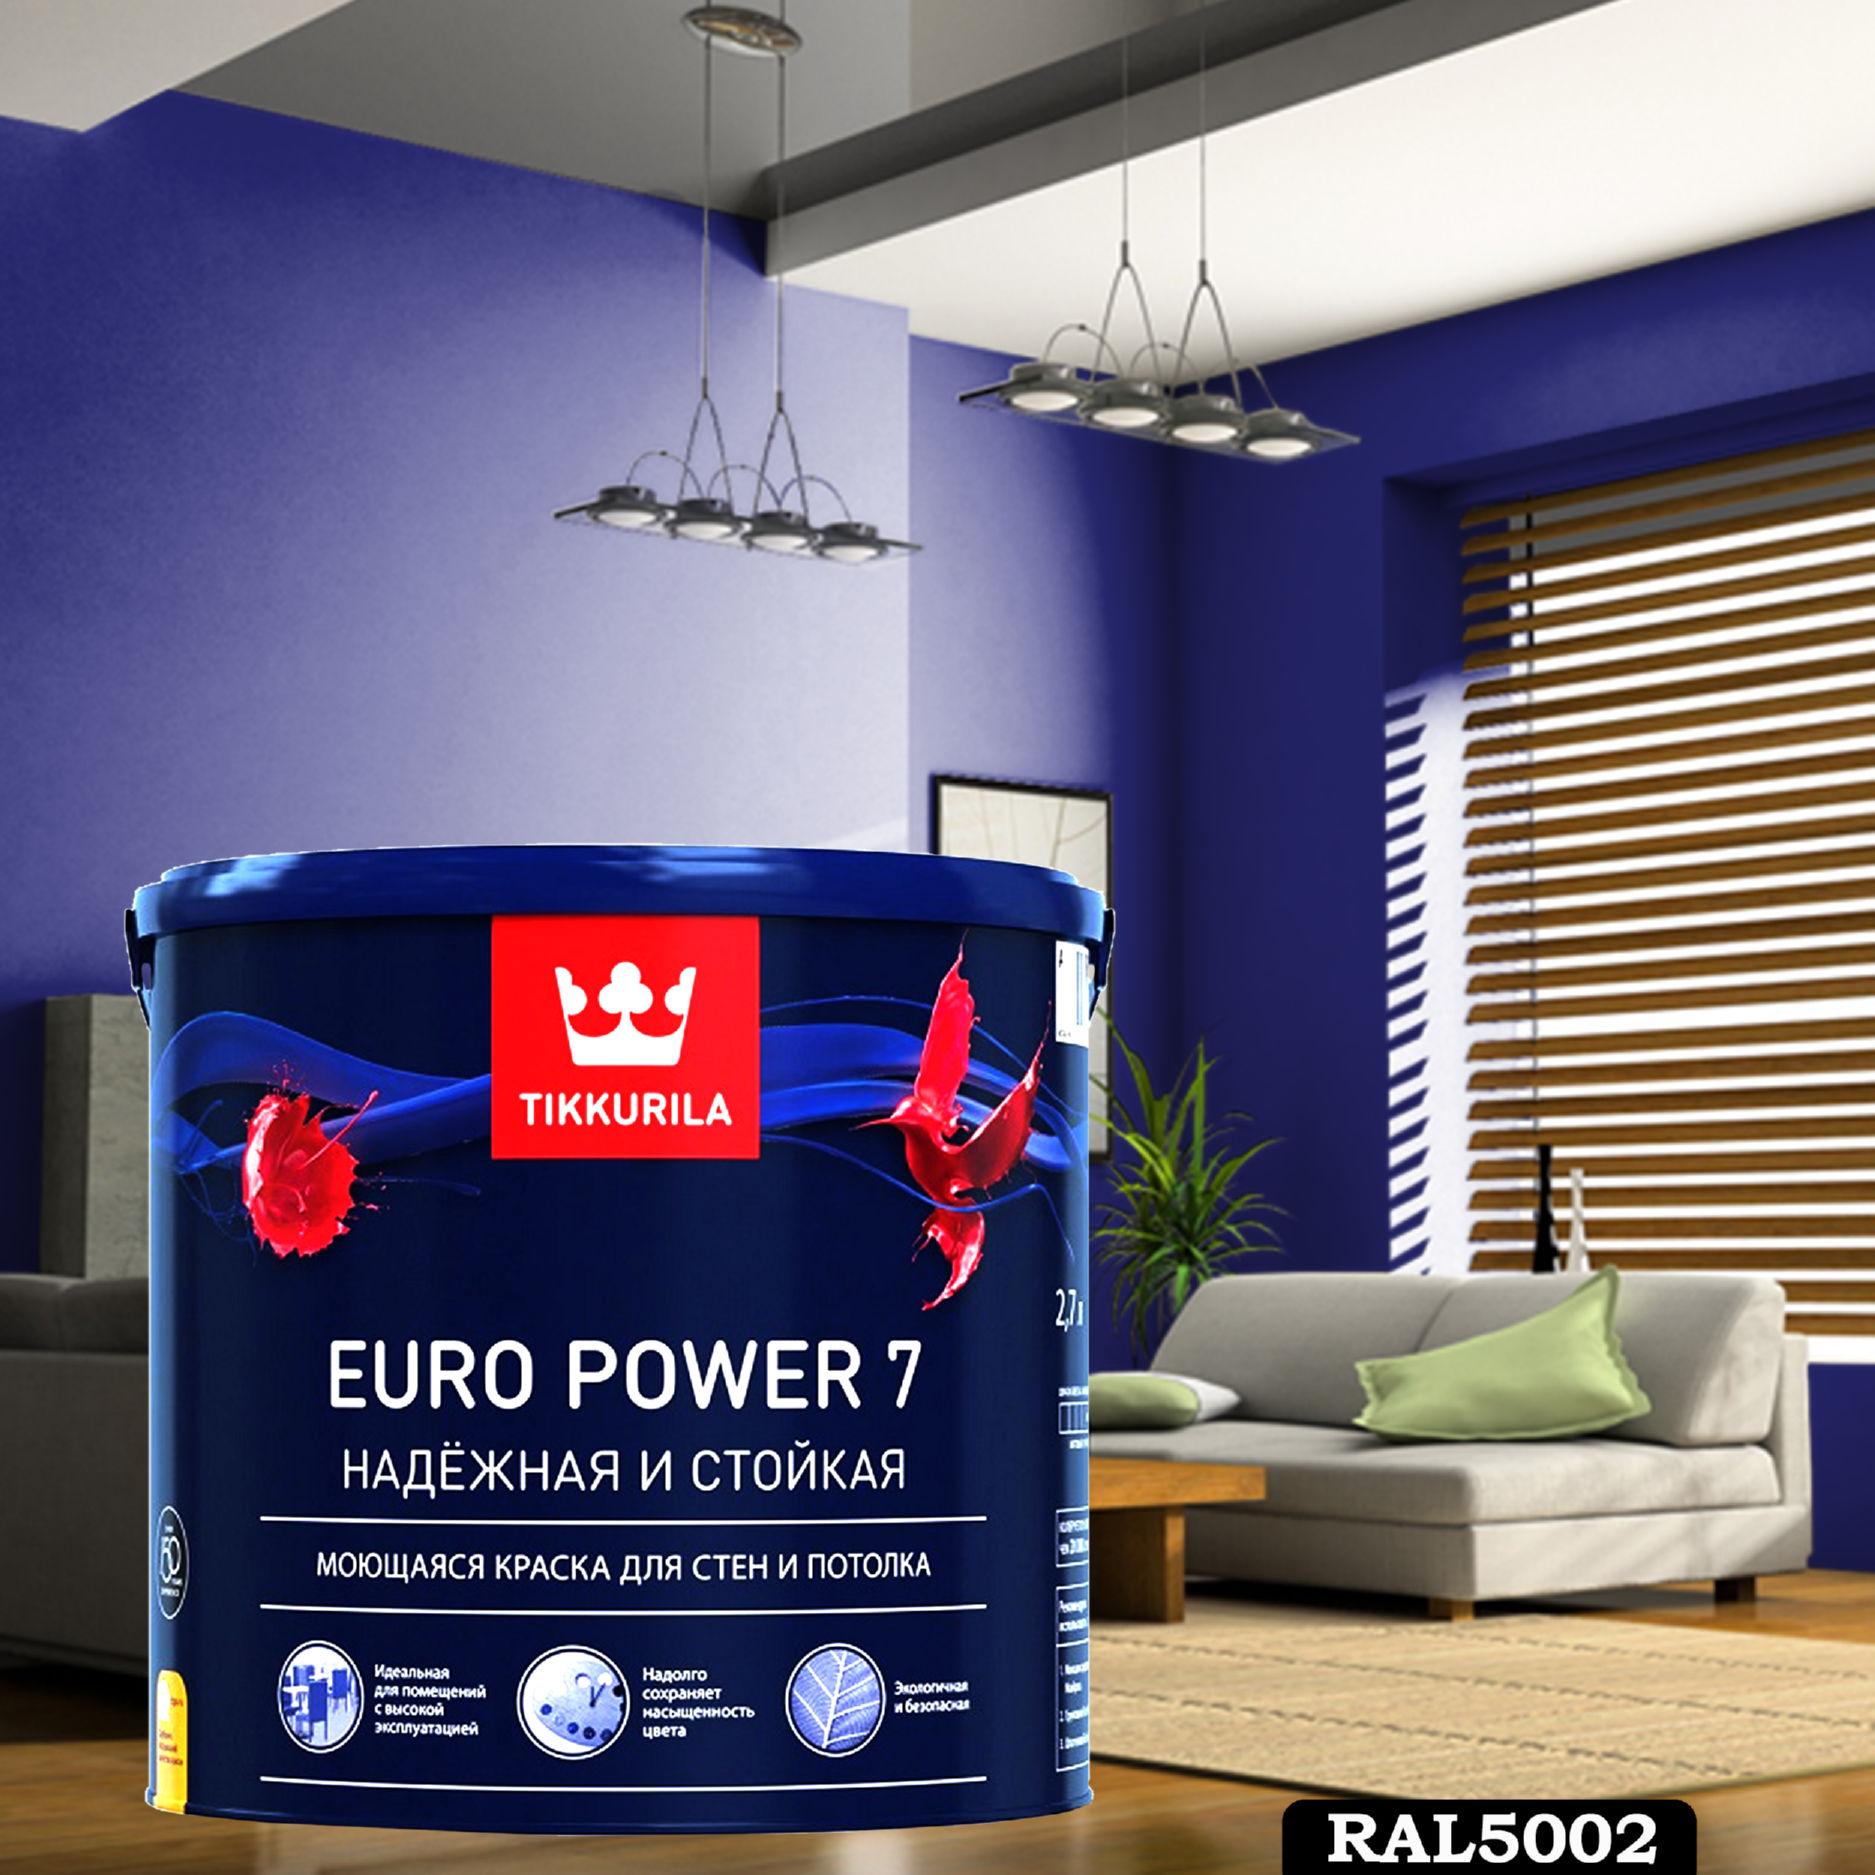 Фото 3 - Краска TIKKURILA Euro Power 7,  RAL 5002 Ультрамариново-синий, латексная моющаяся матовая интерьерная, 9 л.